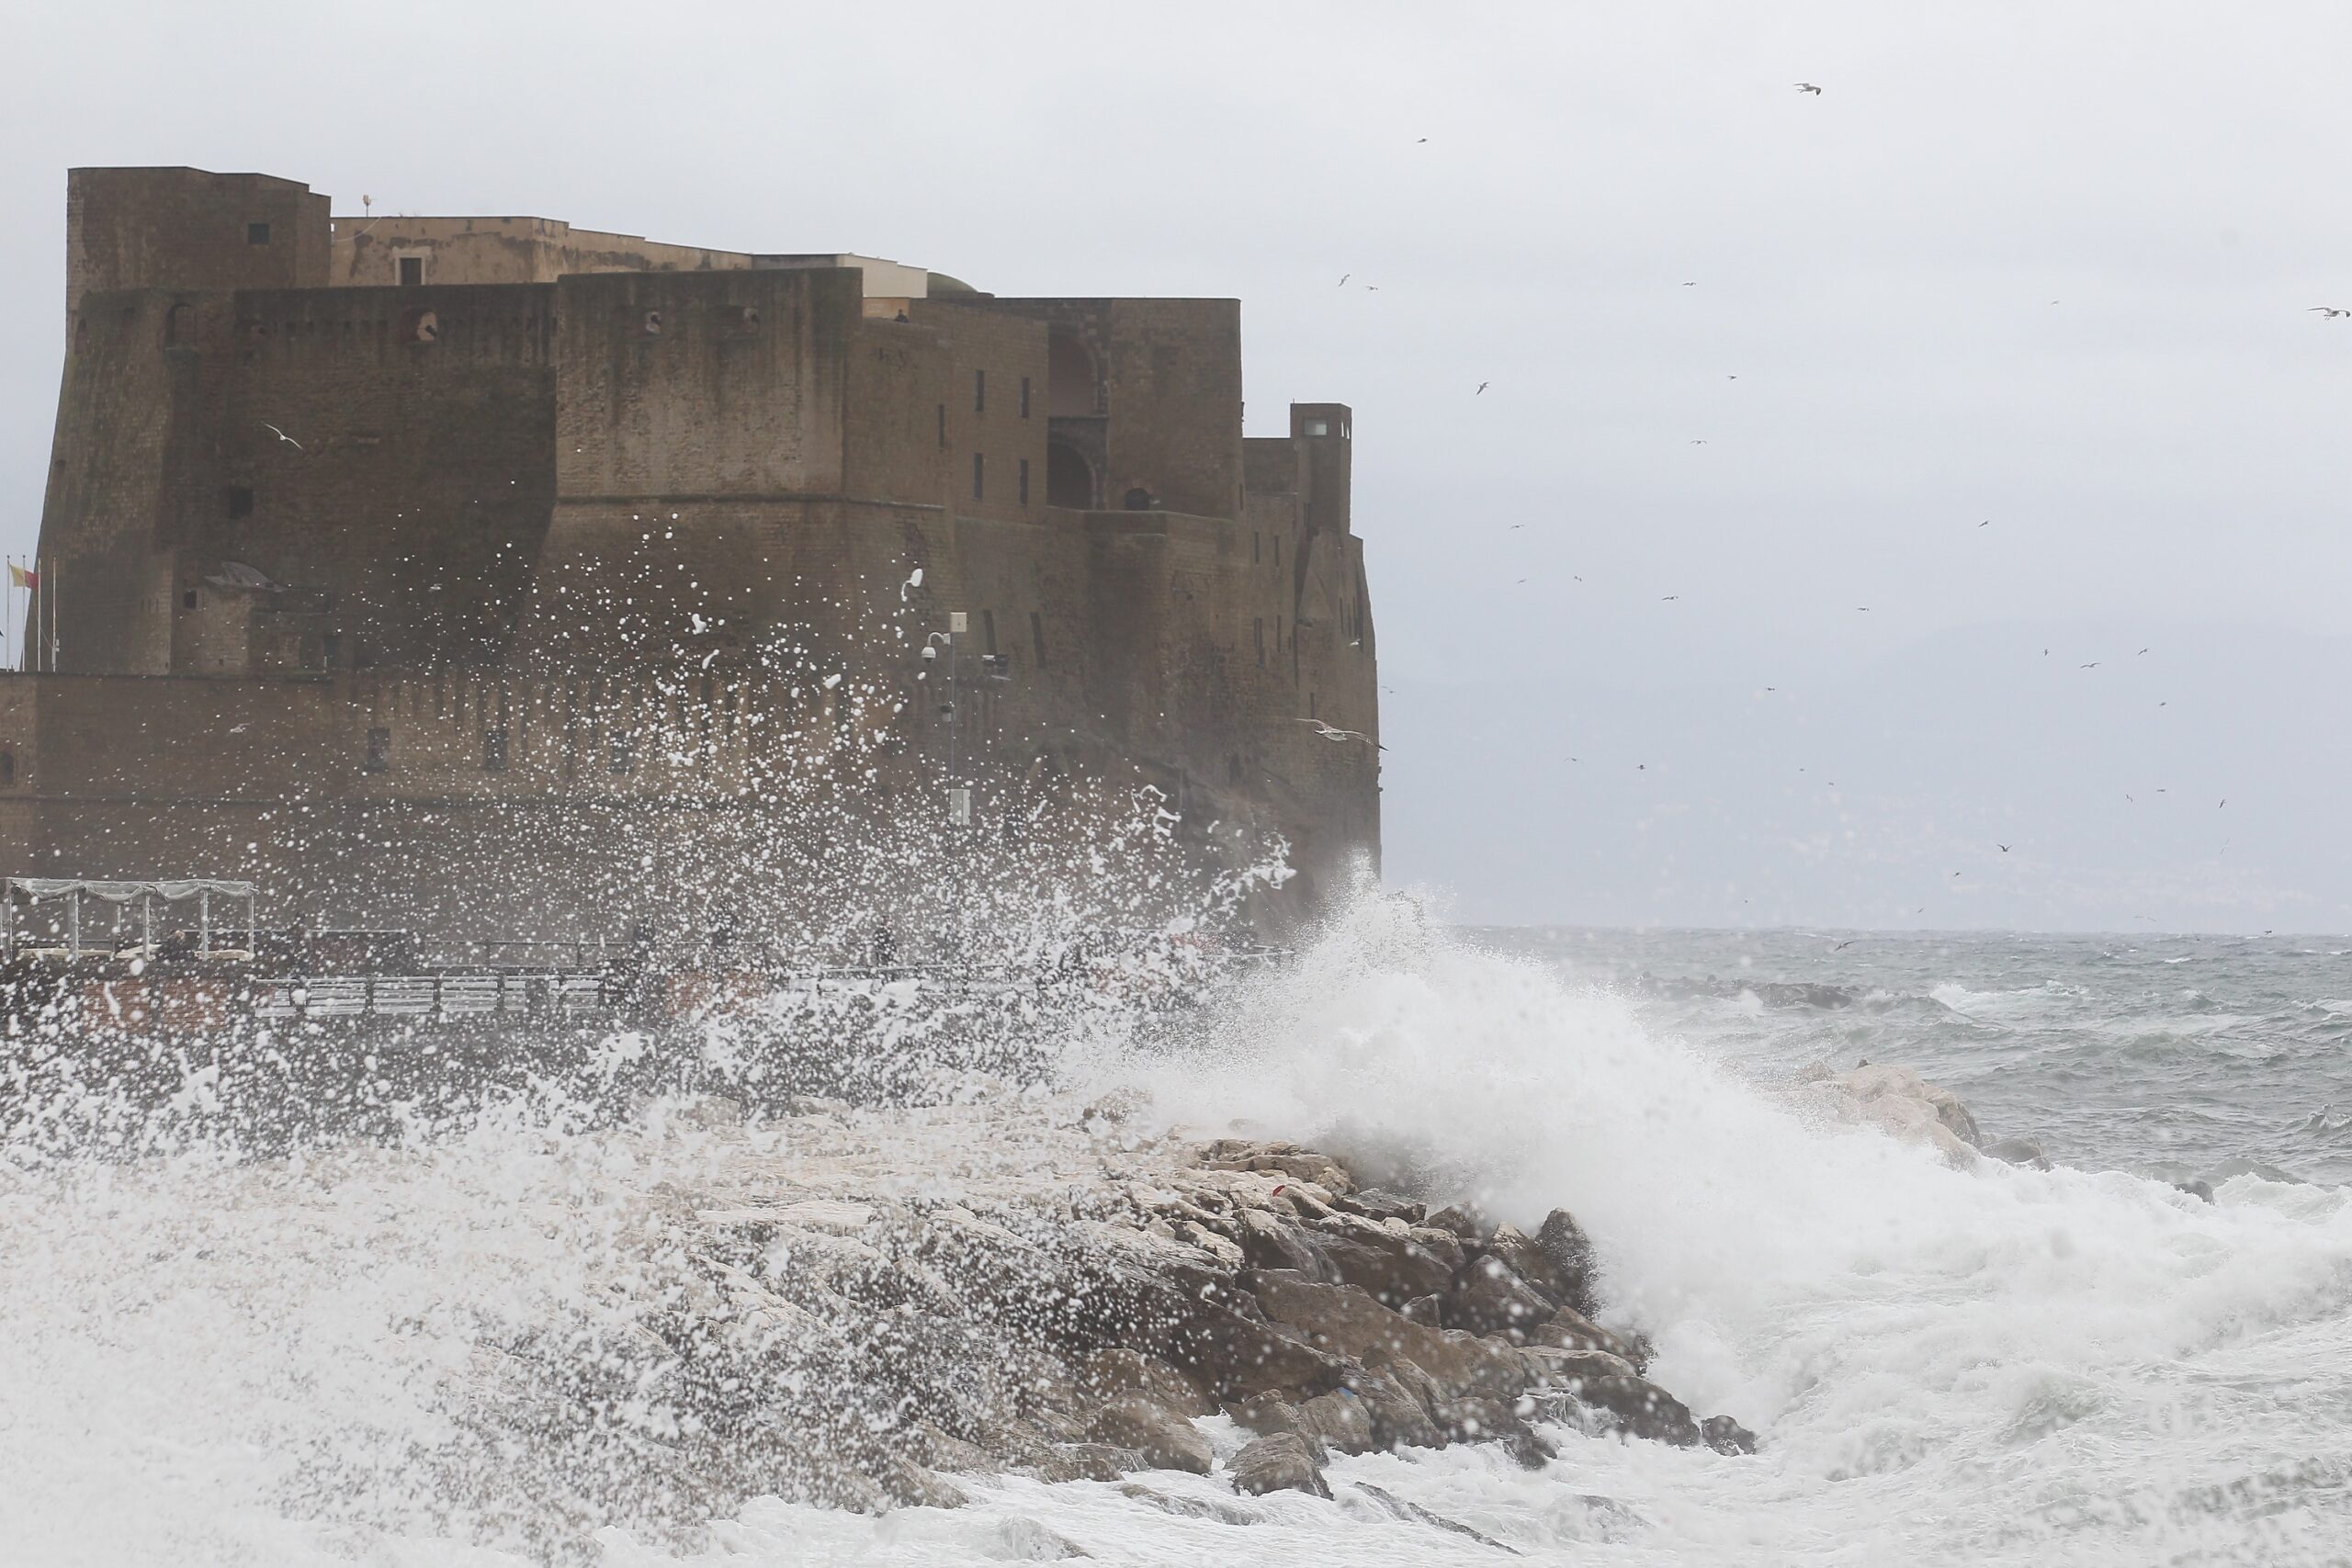 Allerta meteo Napoli scuole chiuse domani: ecco perchè non c'è la decisione